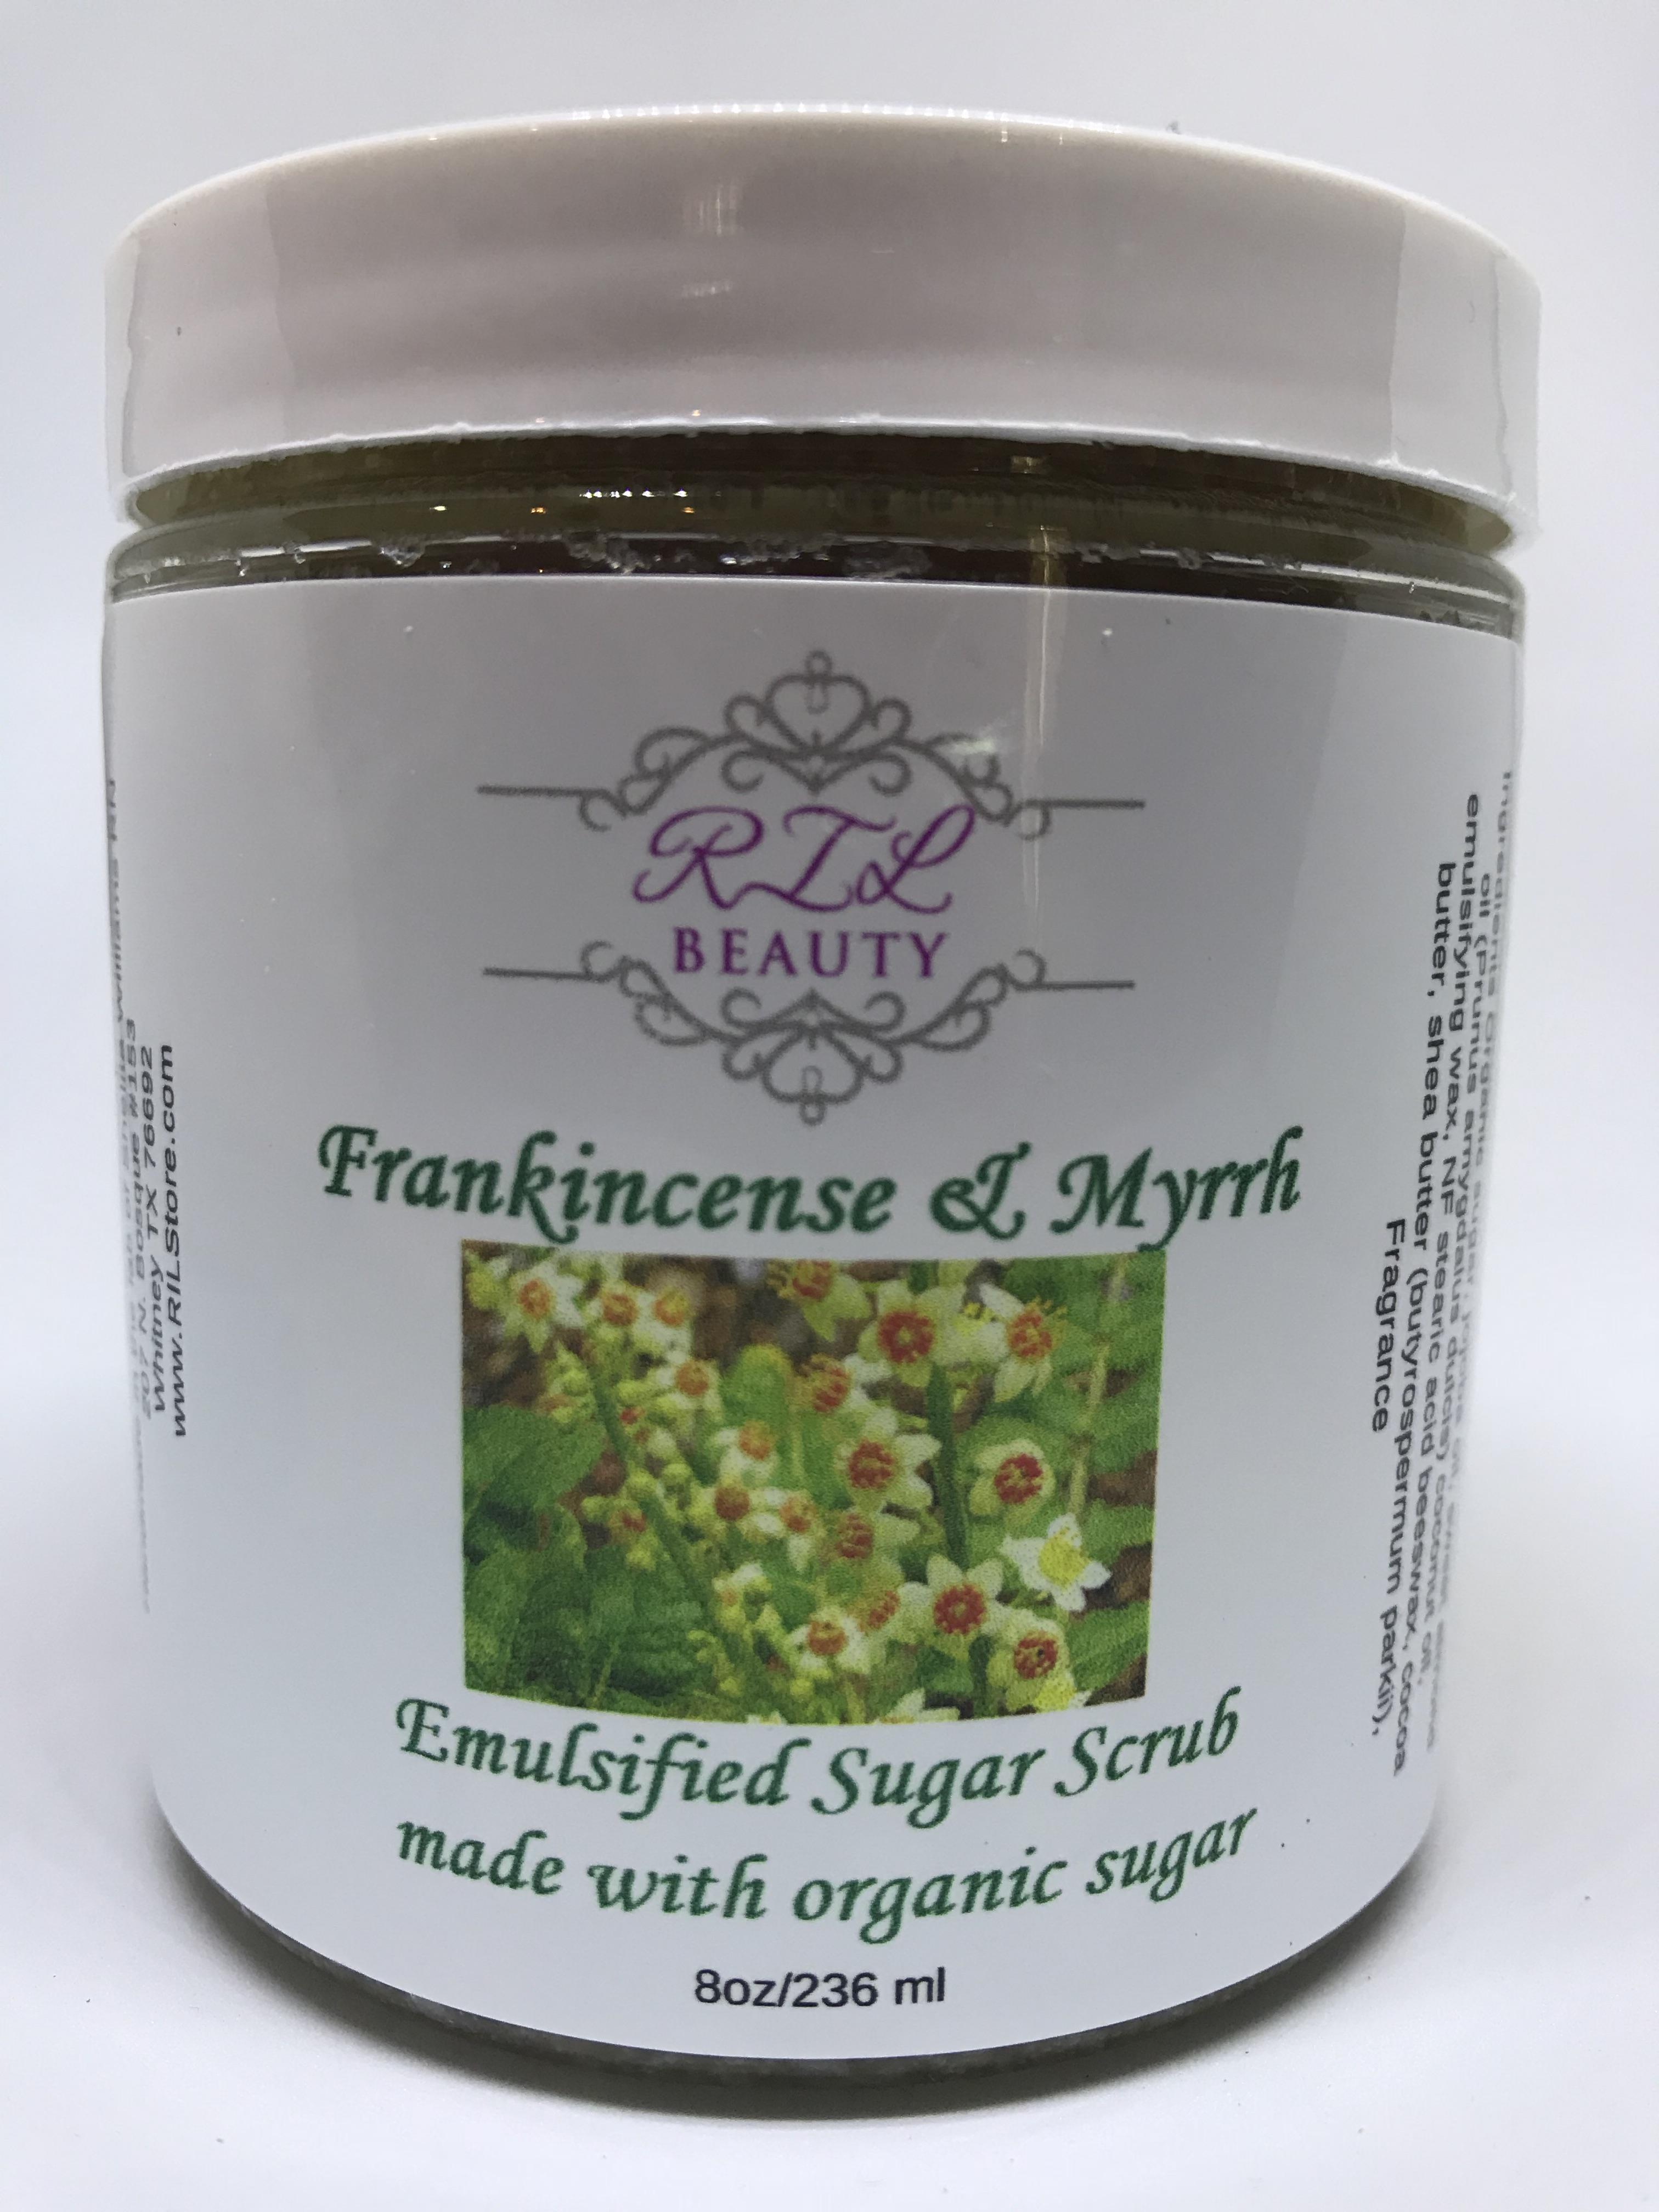 Frankincense & Myrrh Emulsified Sugar Scrub 8 oz.